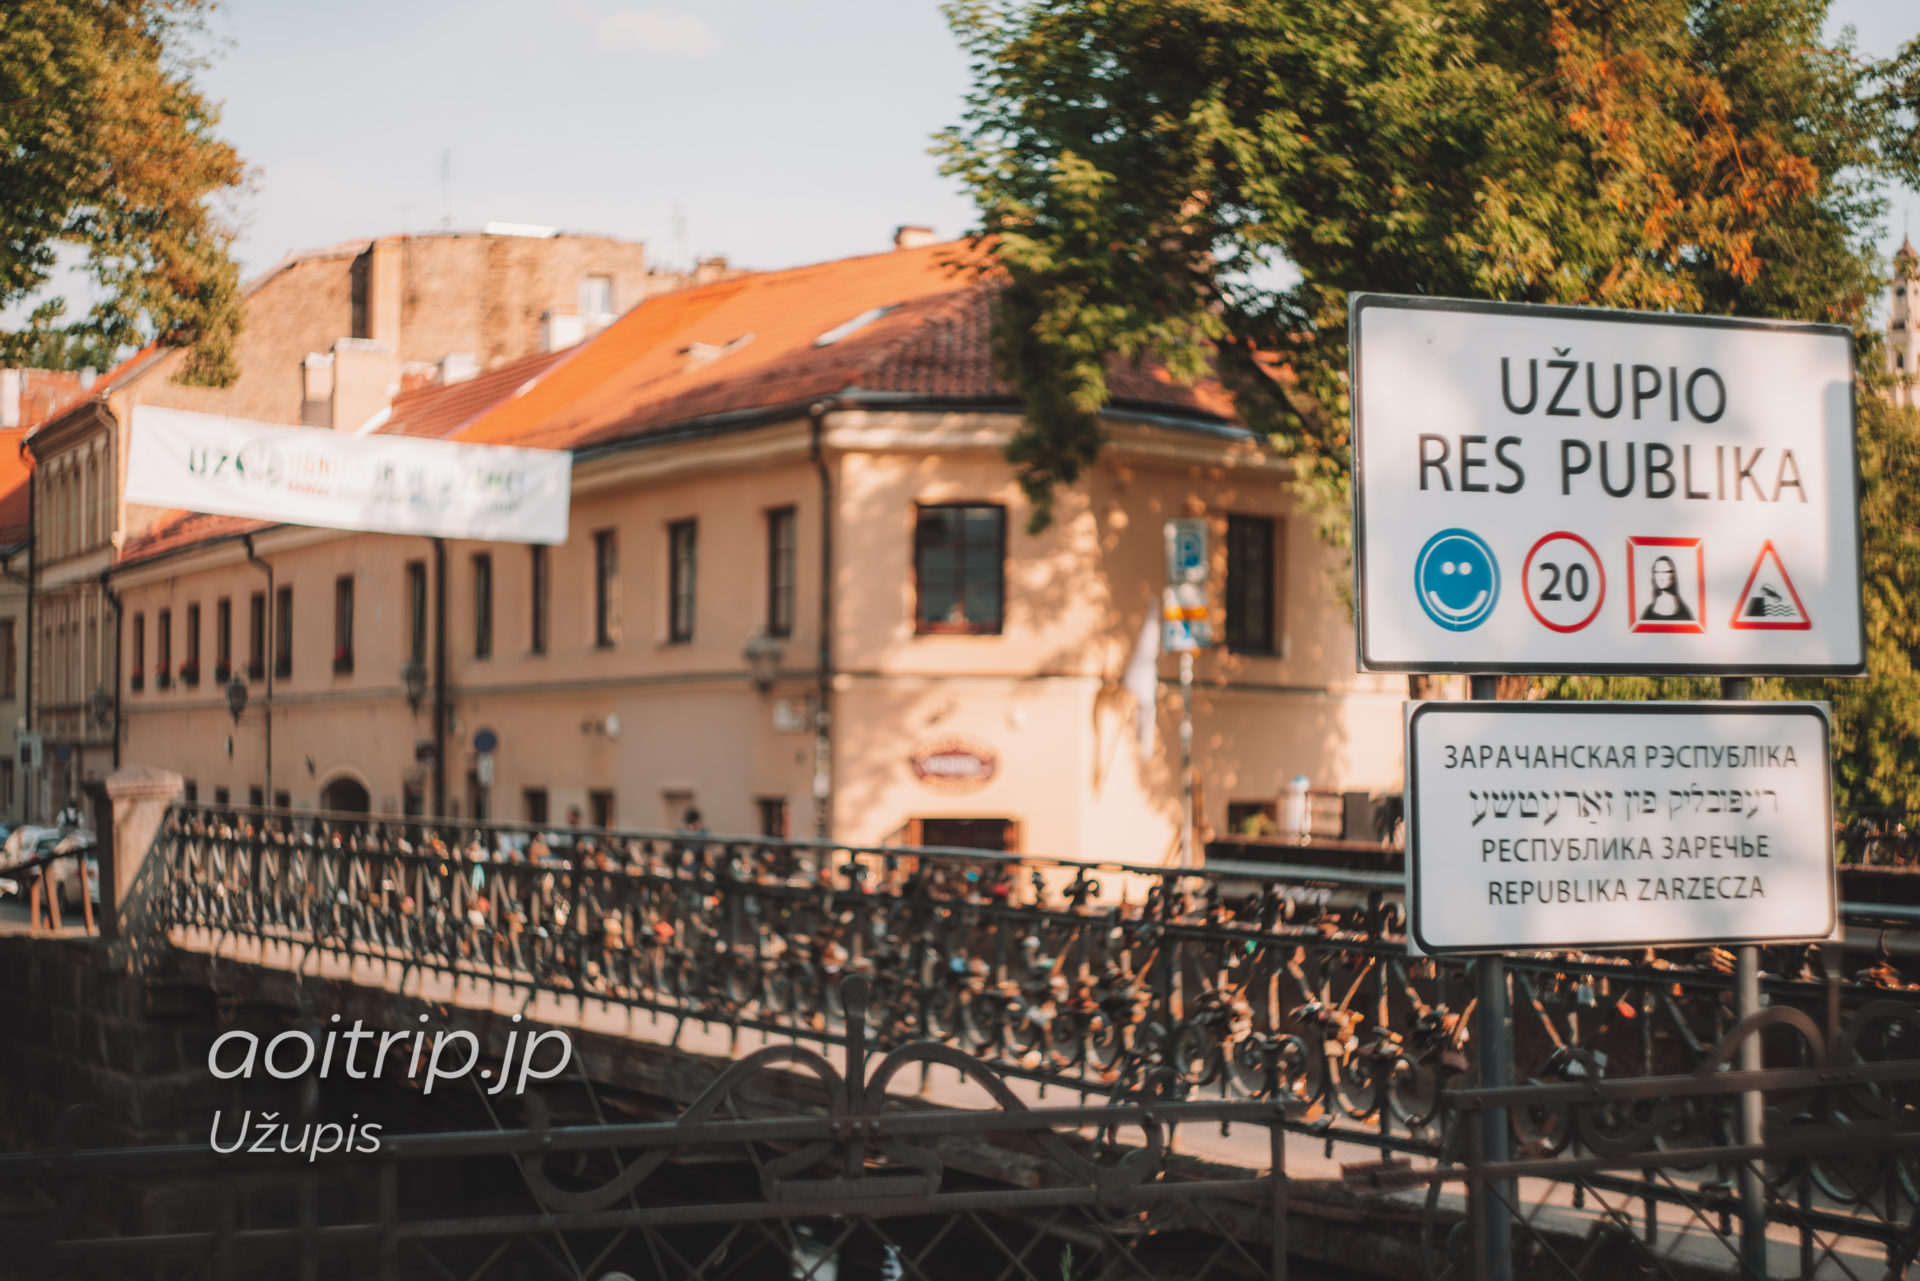 リトアニアのウジュピス共和国 Užupis